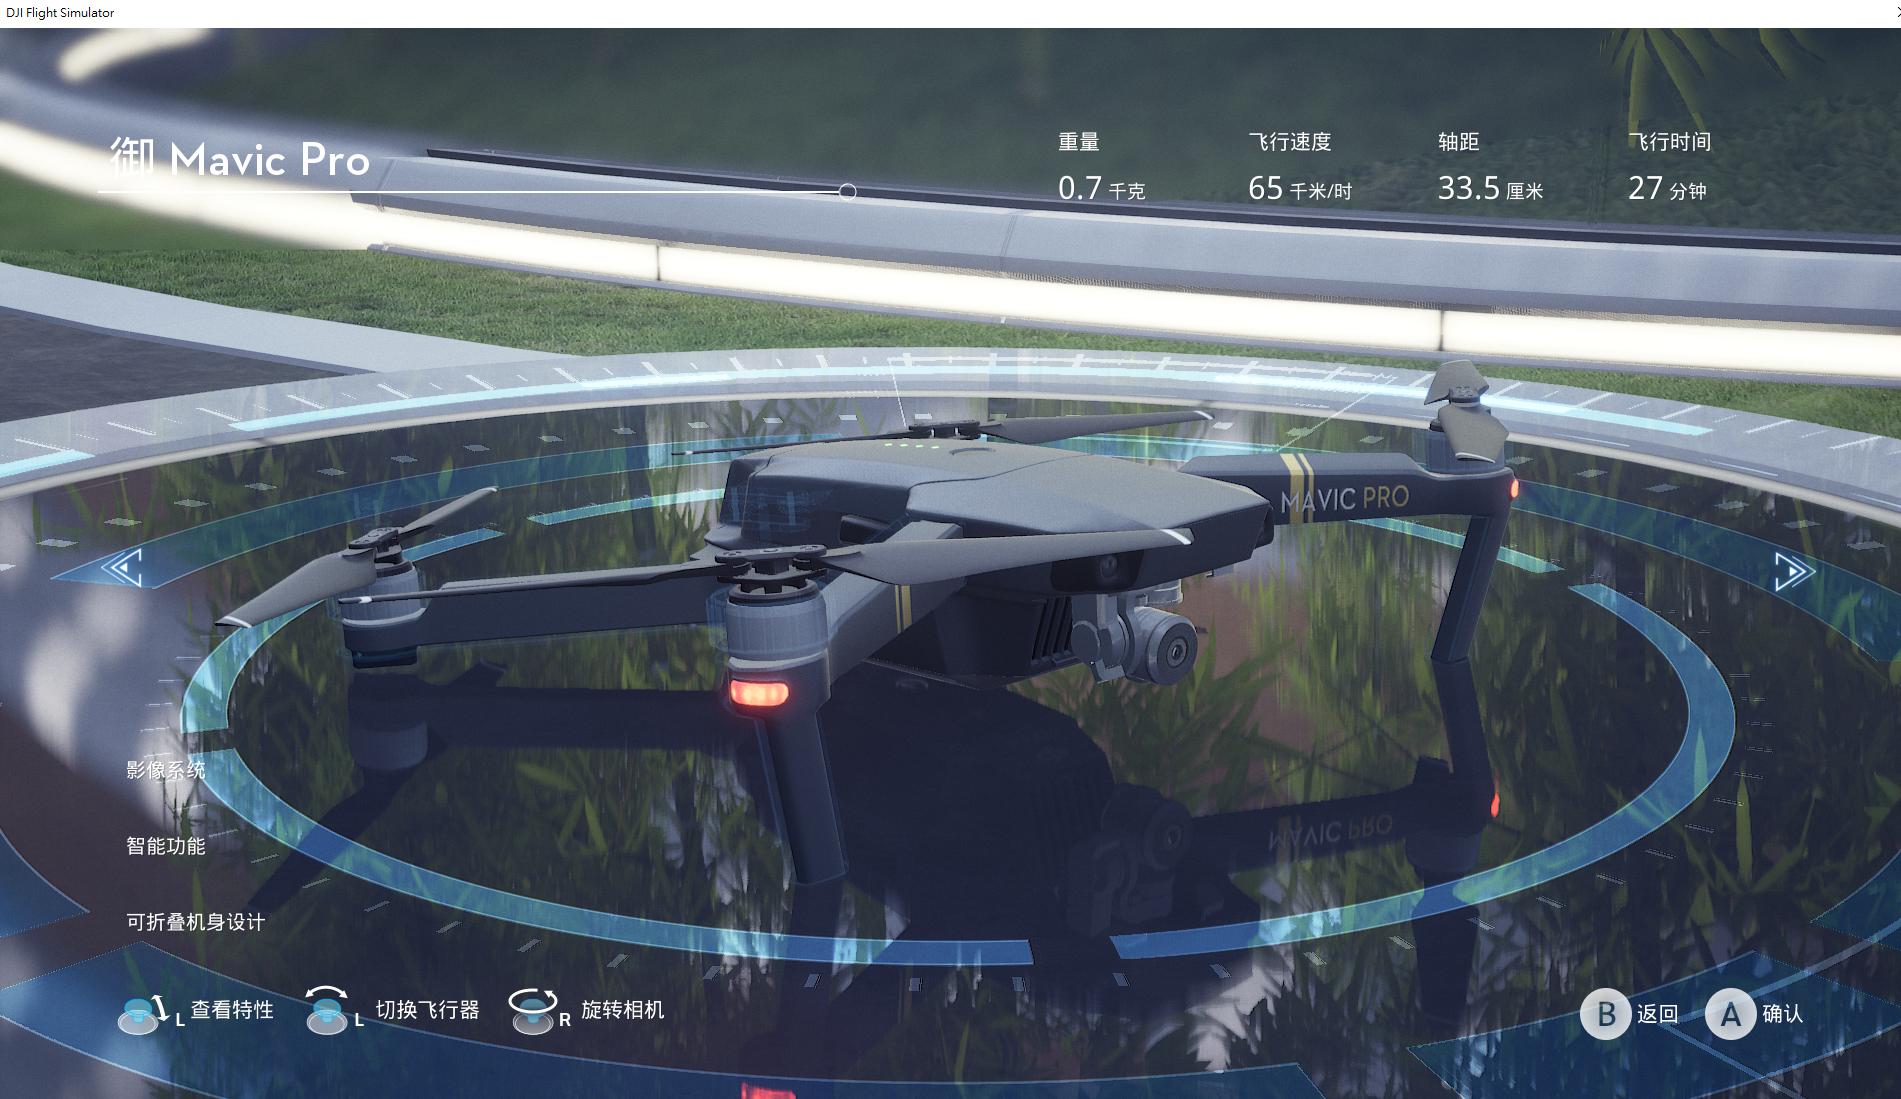 DJI FLIGHT SIMULATOR-Mavic Pro